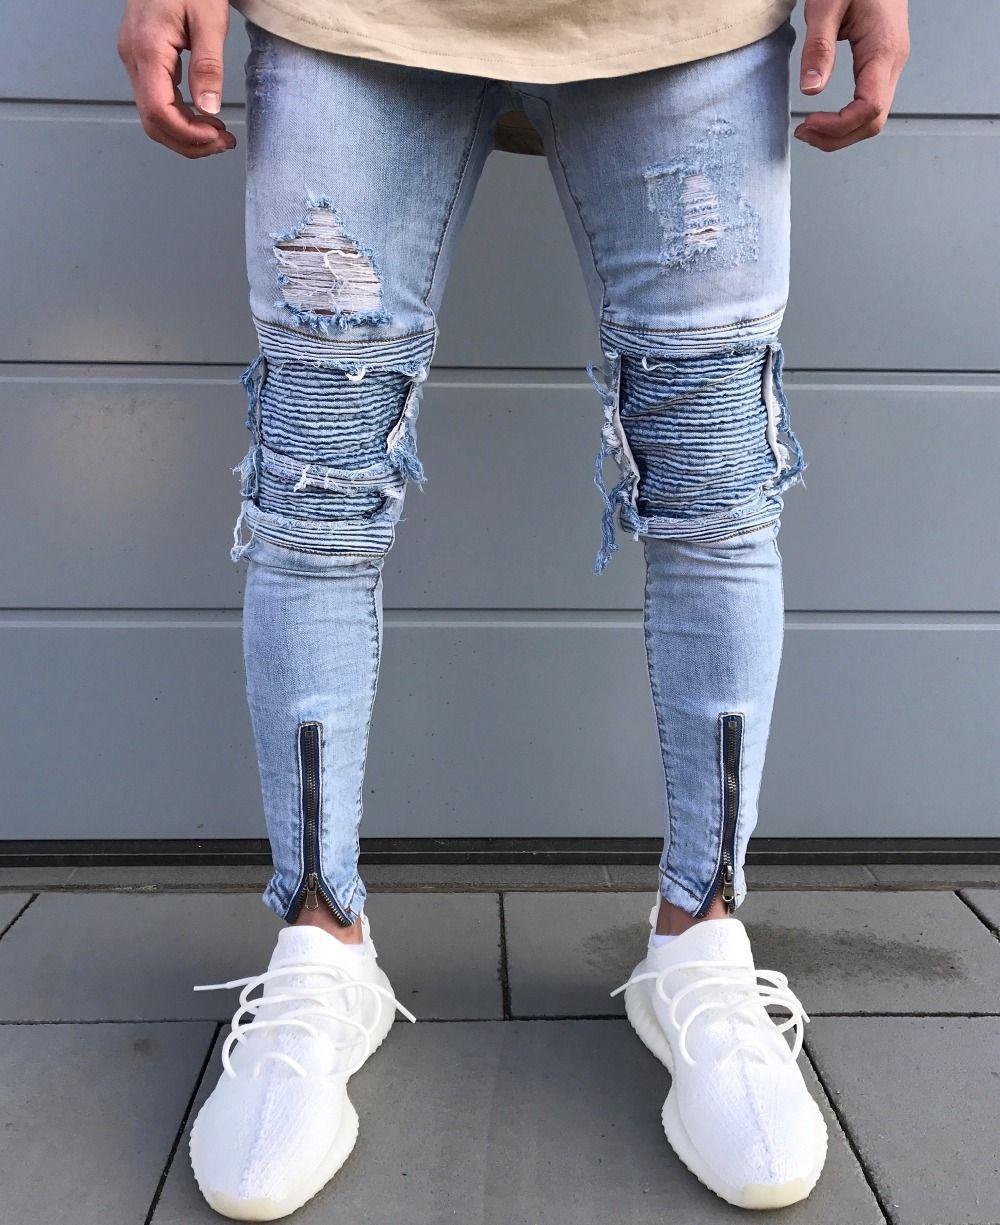 250505fc1c 2017 nuevos hombres hip hop zipper ripped biker Vaqueros moda slim fit  motocicleta Vaqueros hombres distressed holes skinny Denim joggers  pantalones